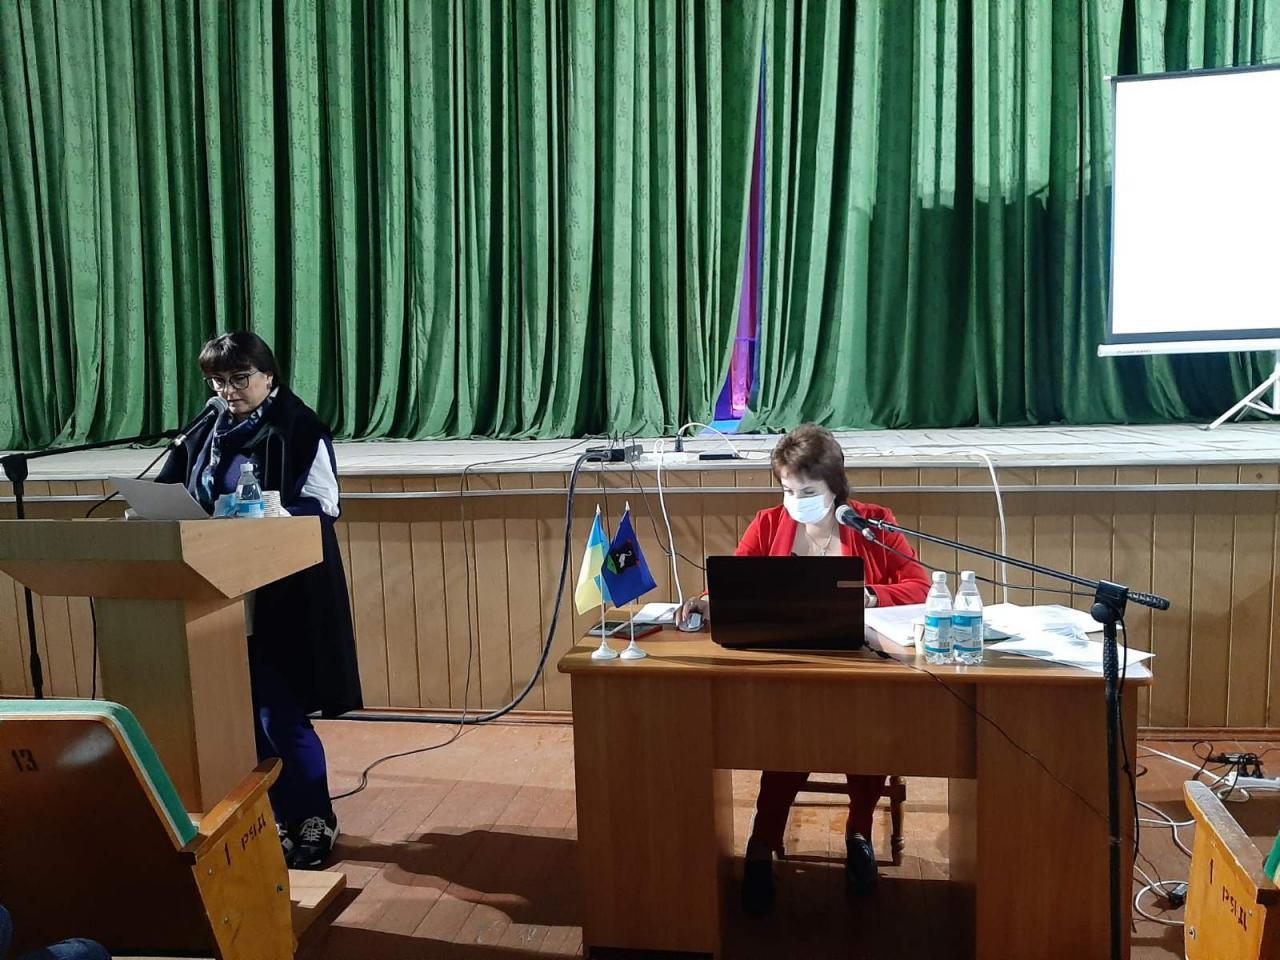 http://dunrada.gov.ua/uploadfile/archive_news/2020/10/15/2020-10-15_986/images/images-6171.jpg